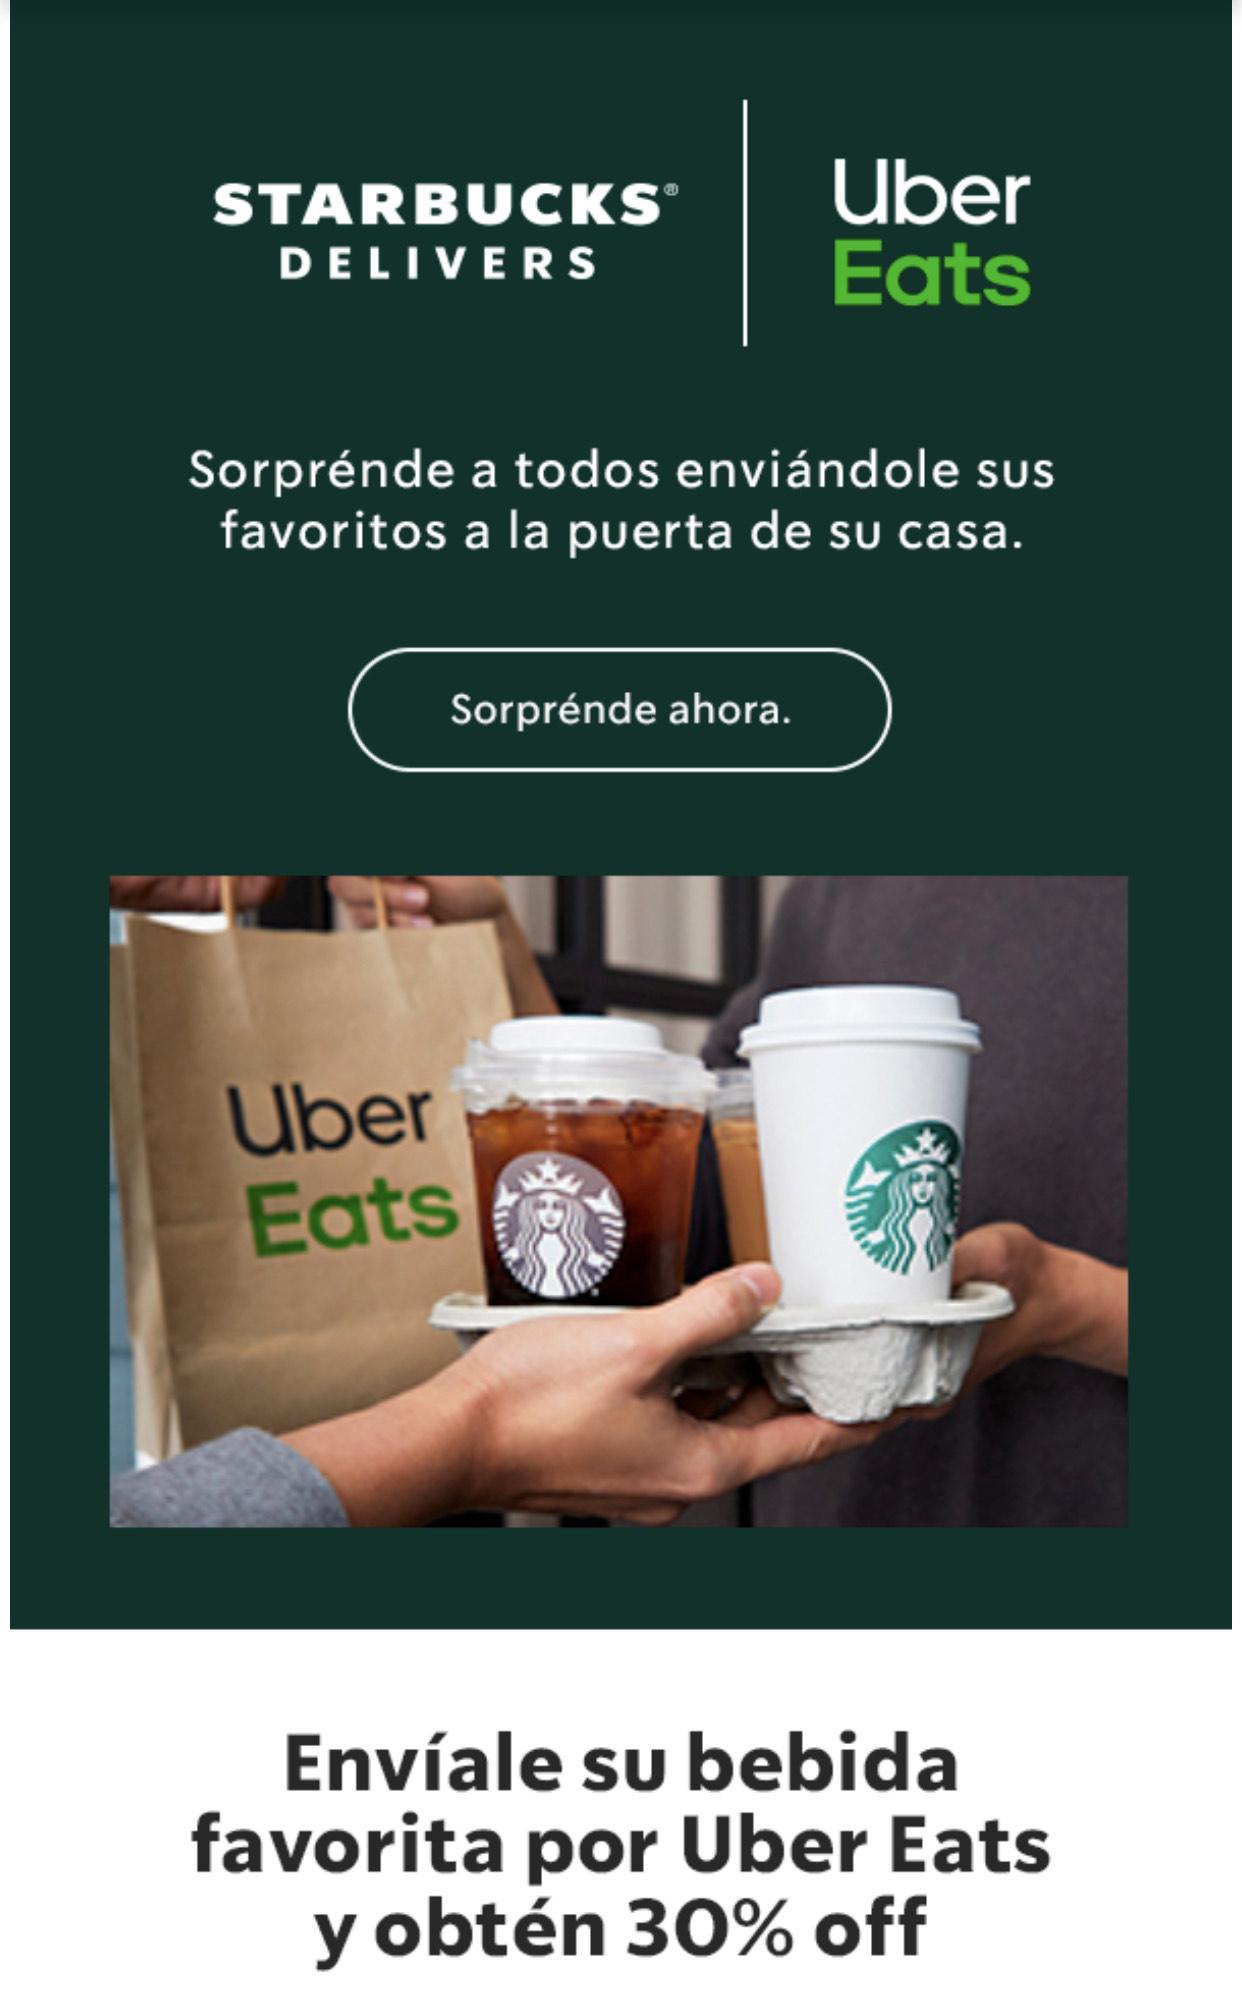 Starbucks: 30% de descuento en Uber Eats